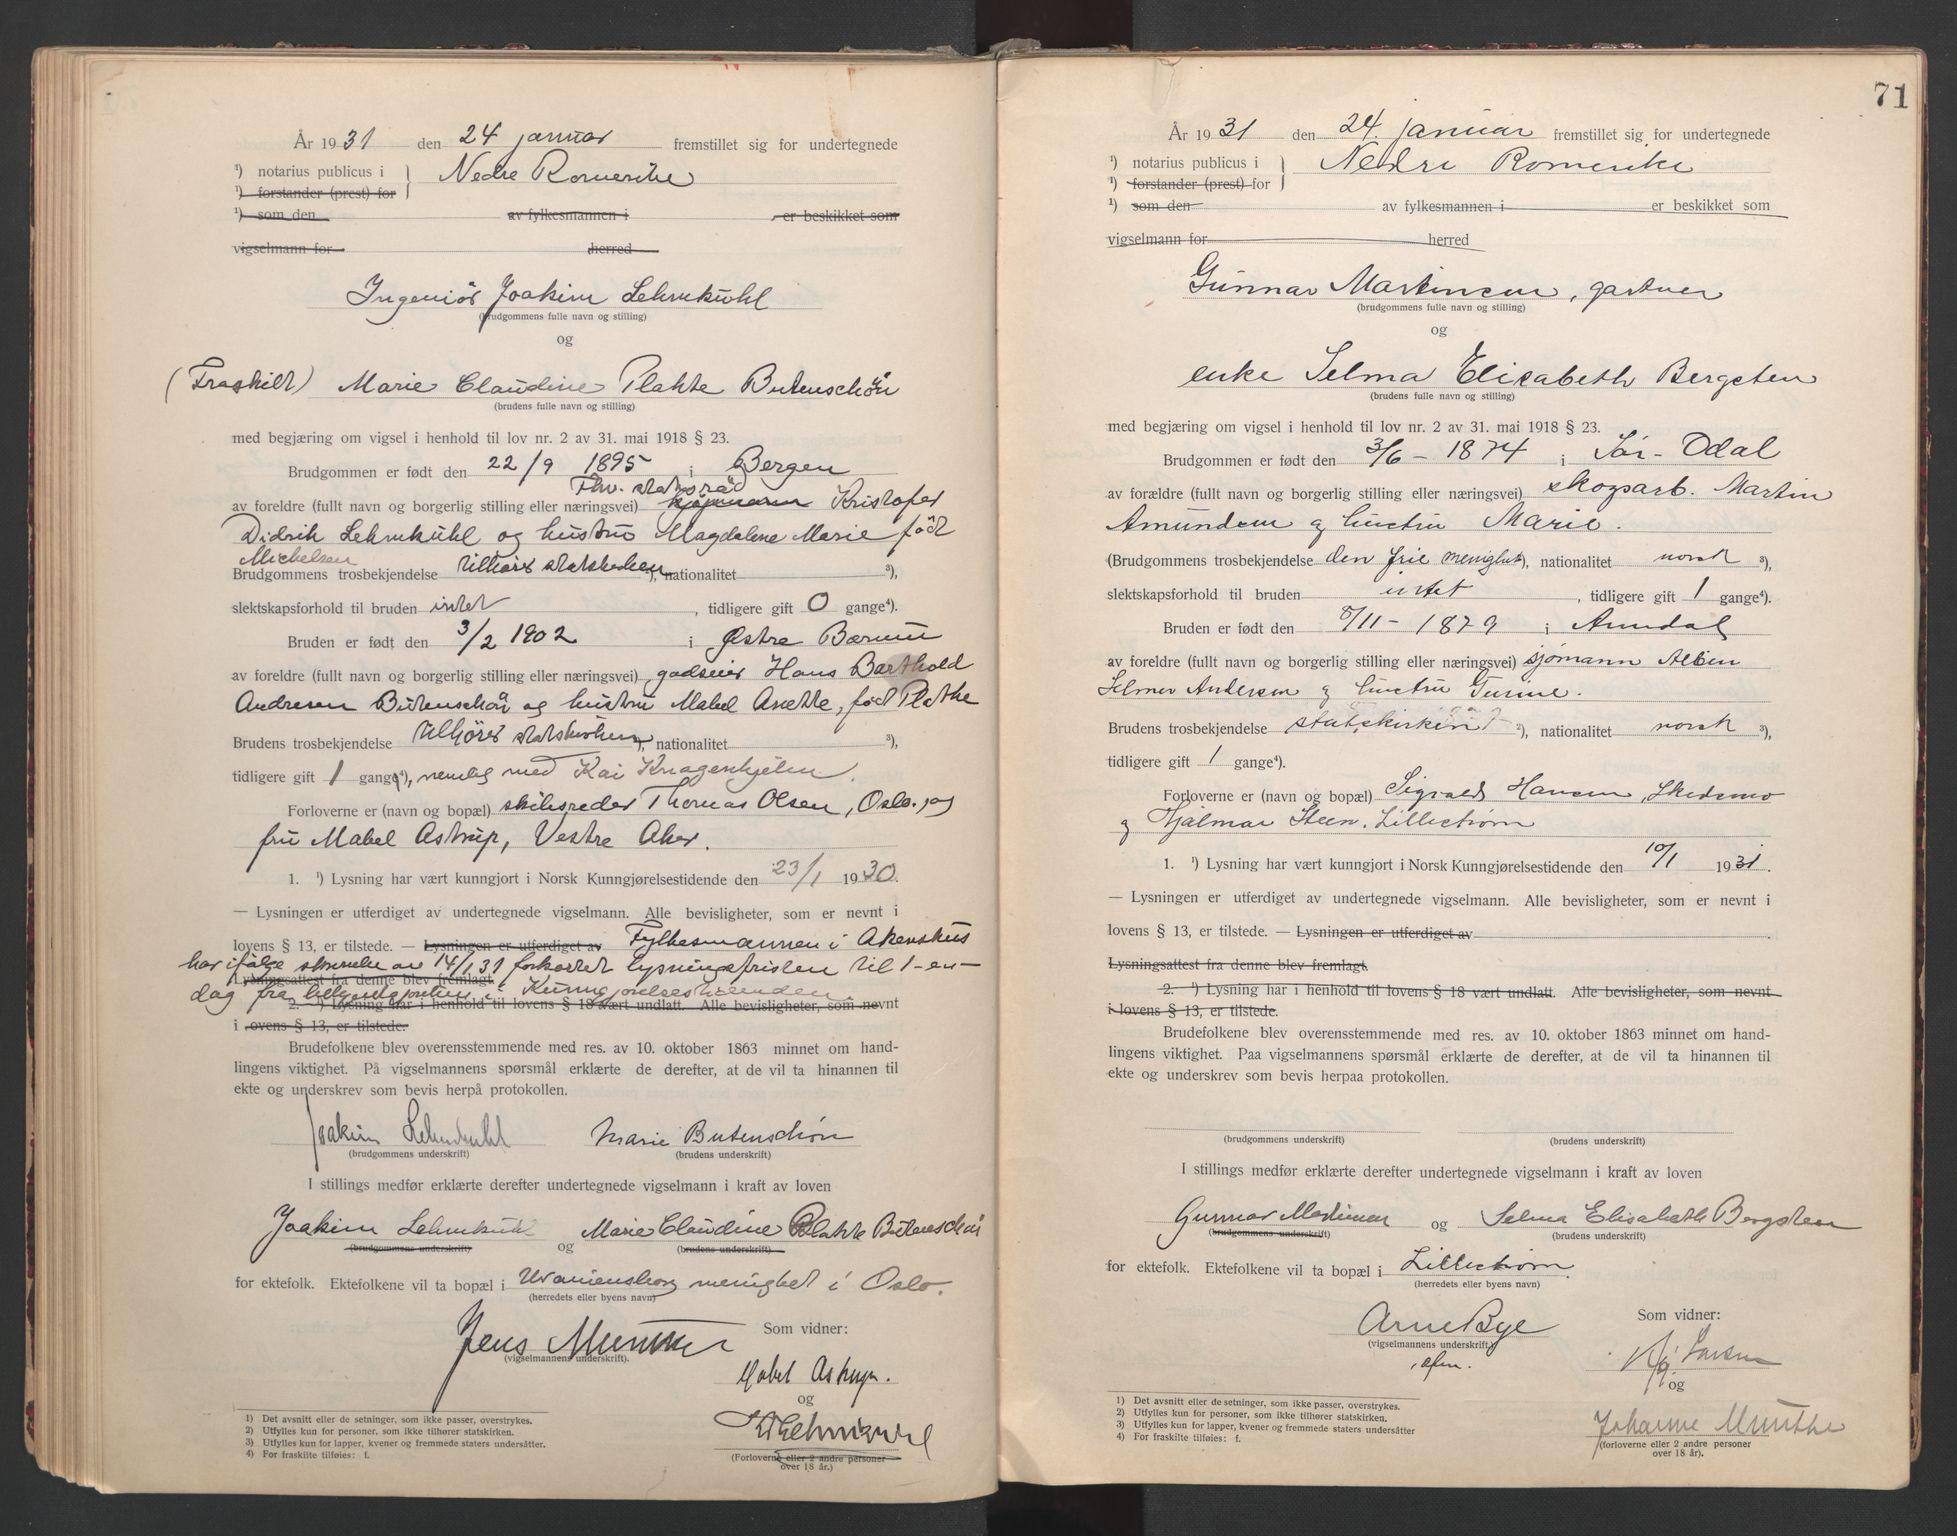 SAO, Nedre Romerike sorenskriveri, L/Lb/L0001: Vigselsbok - borgerlige vielser, 1920-1935, s. 71